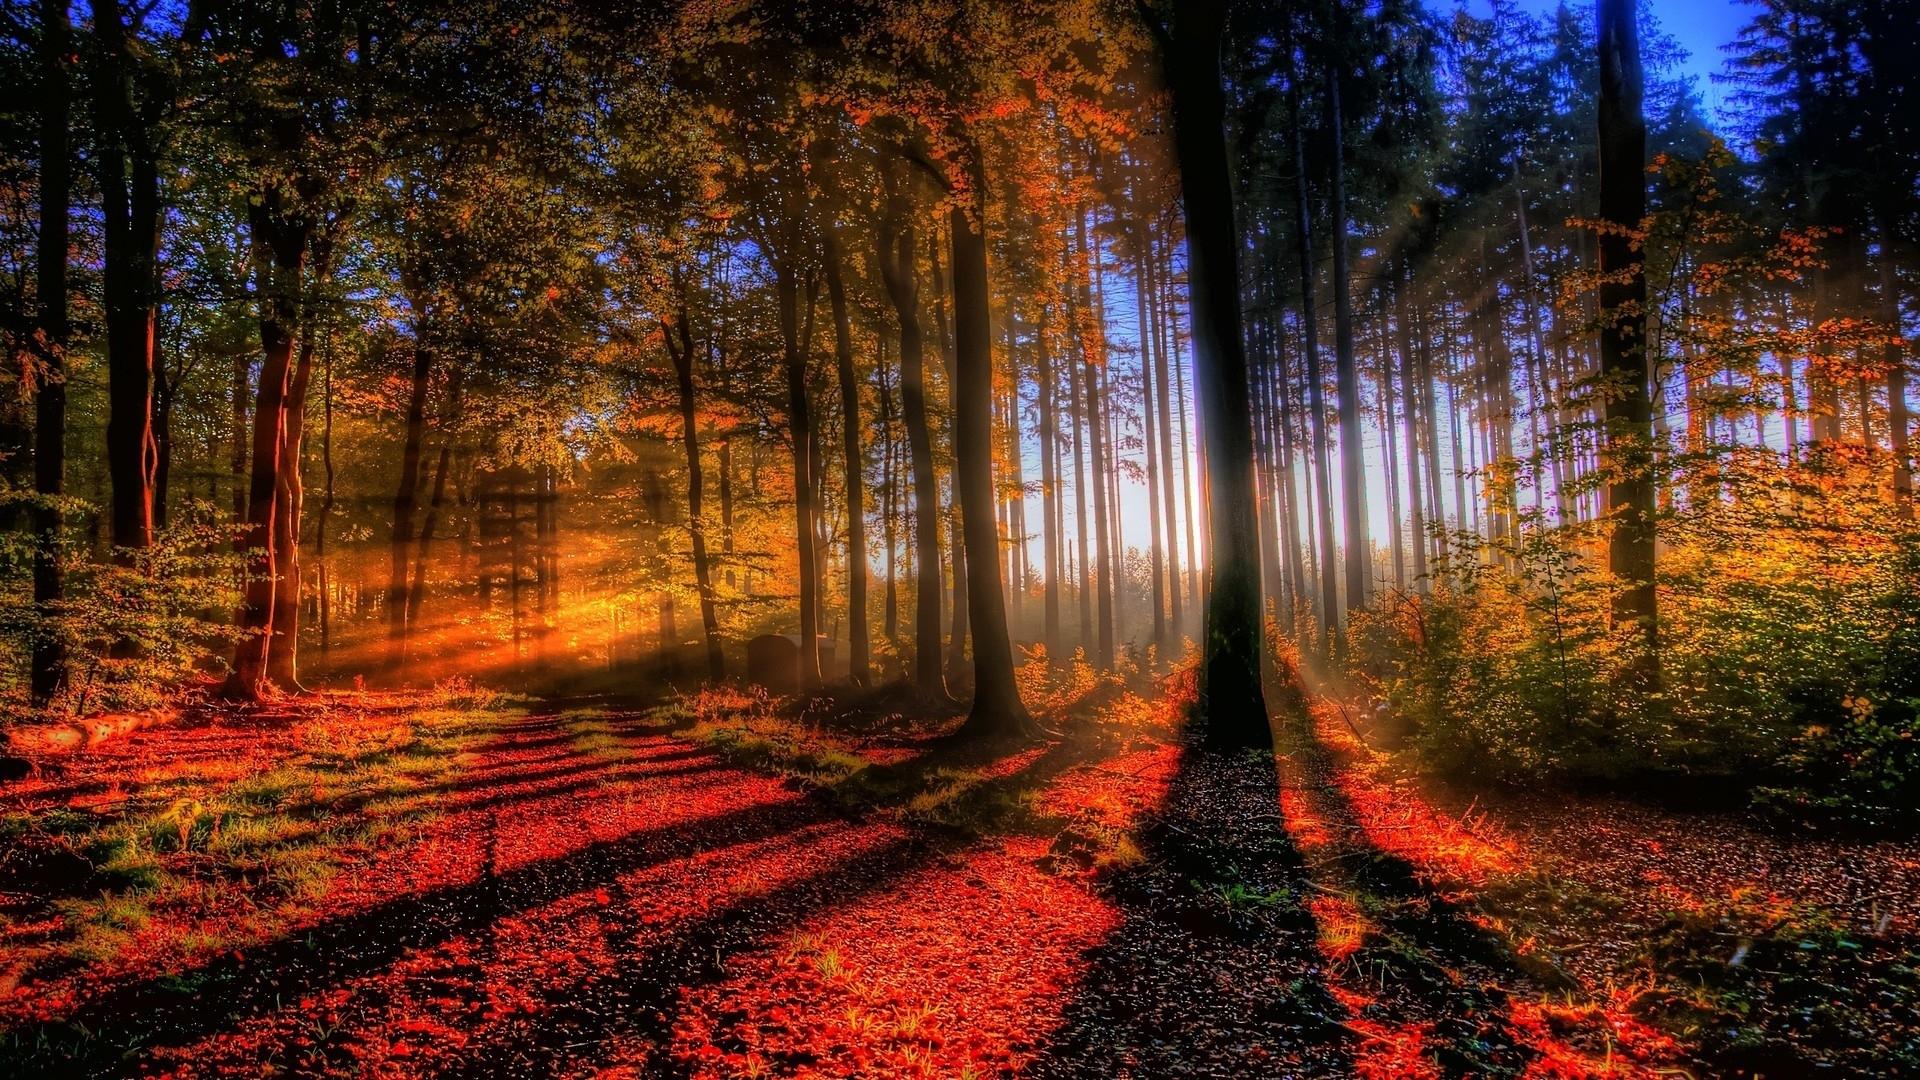 25969 скачать обои Пейзаж, Деревья, Солнце - заставки и картинки бесплатно